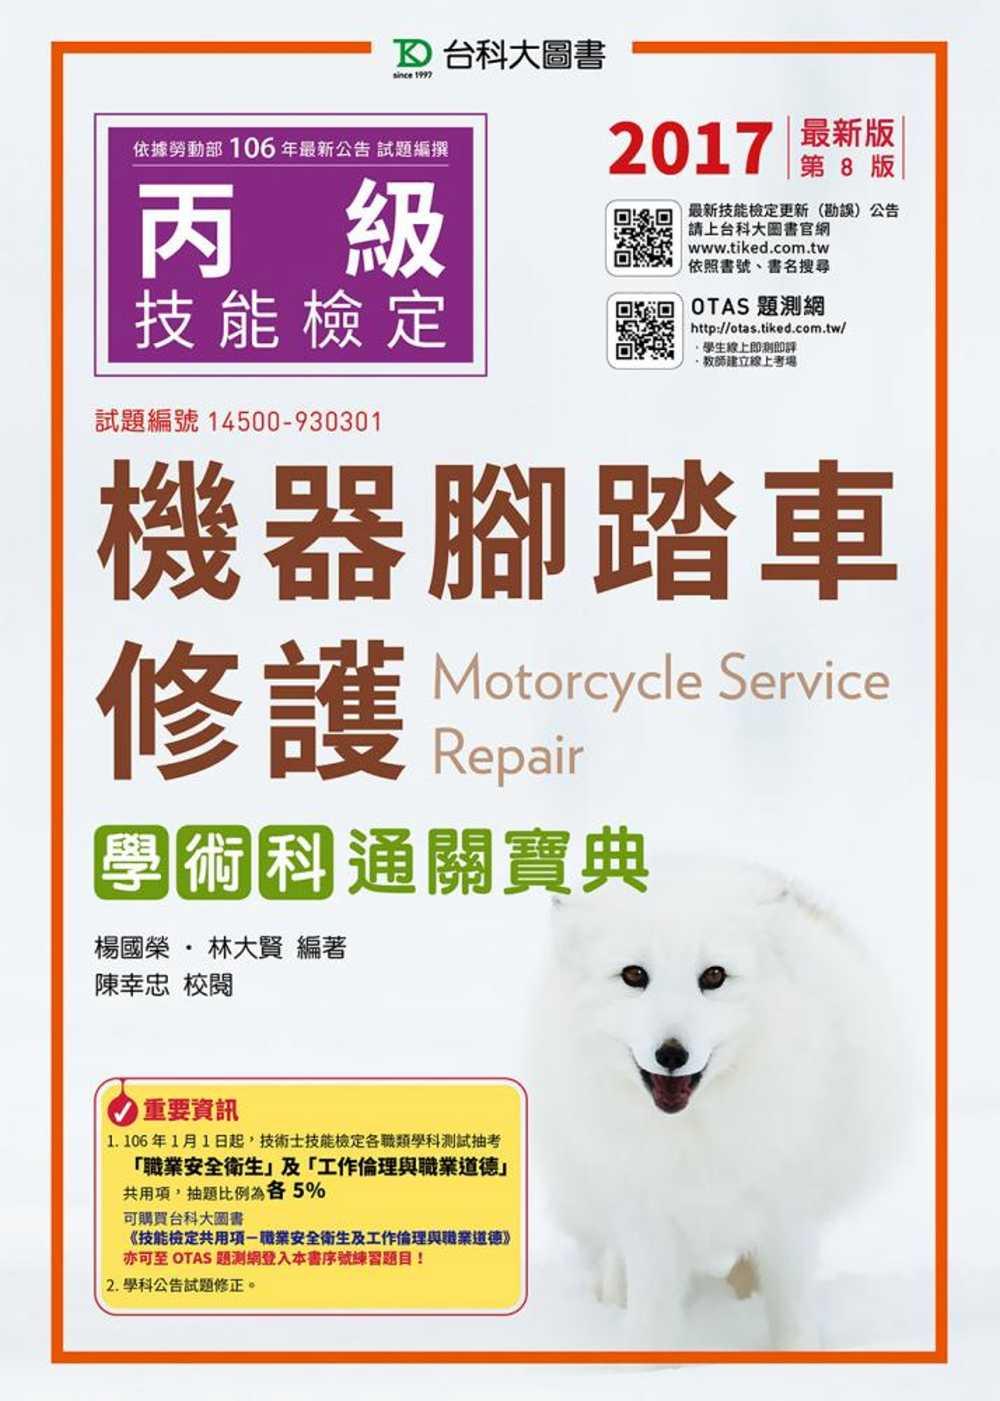 丙級機器腳踏車修護學術科通關寶典2017年最新版(第八版)(附贈OTAS題測系統)